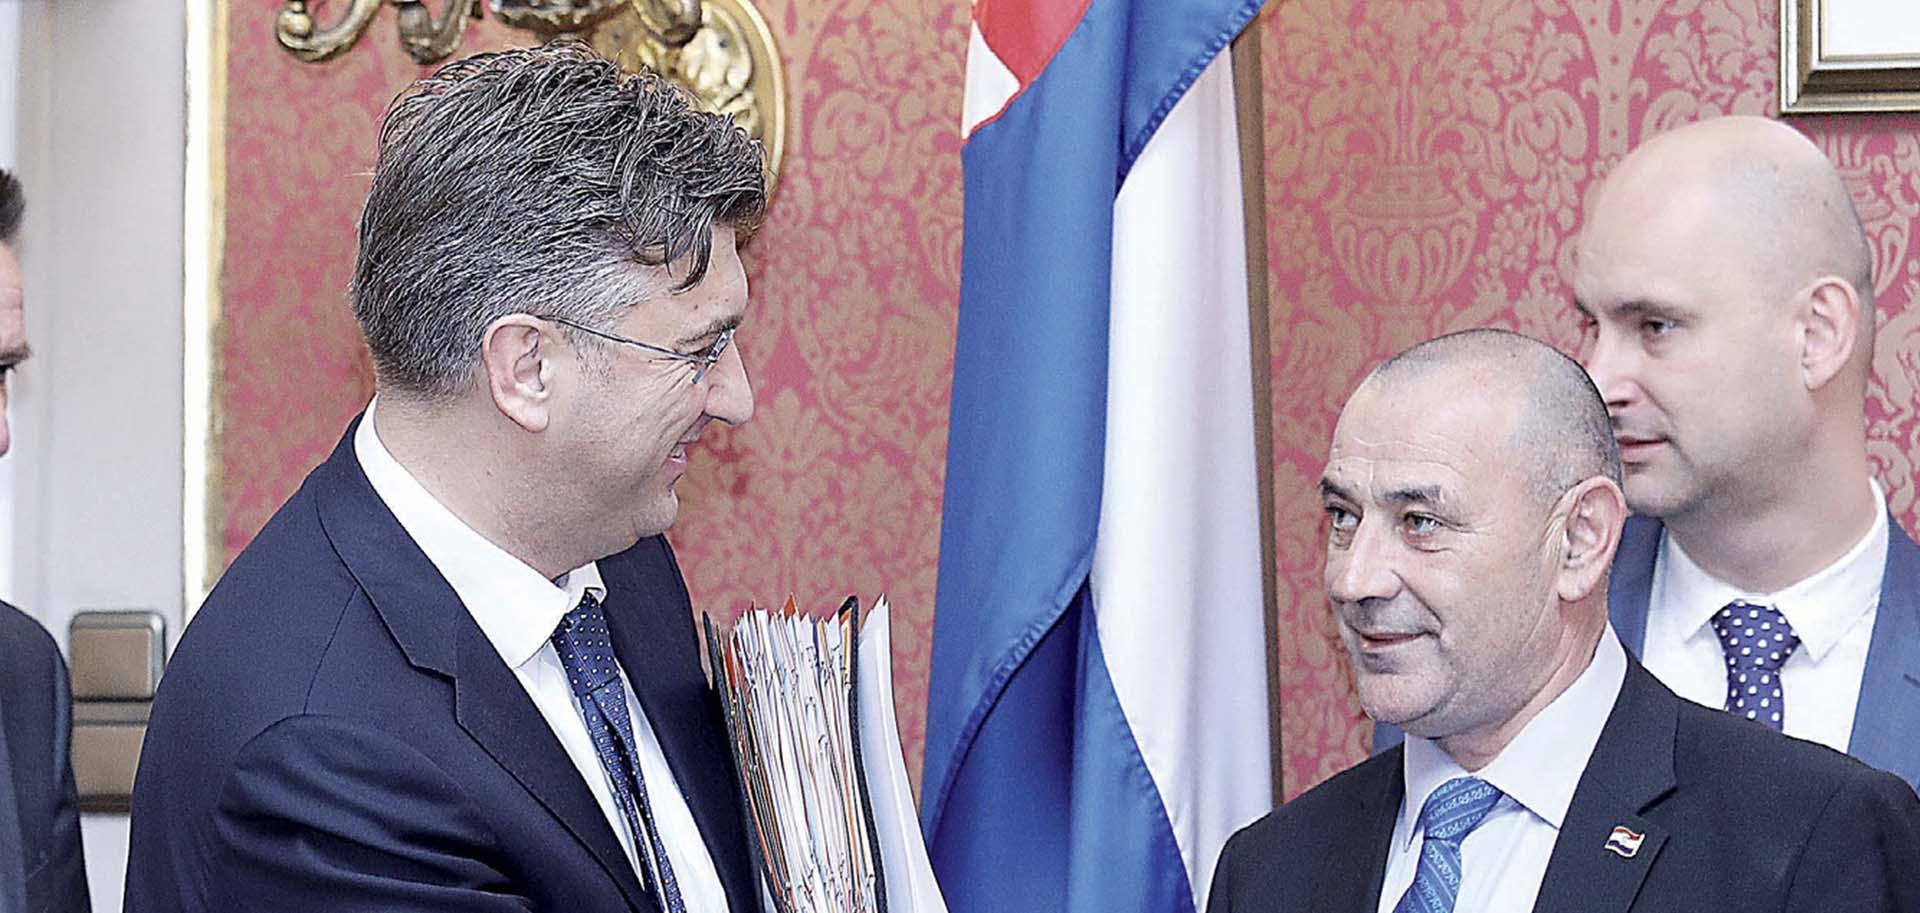 GENERALSKI ZBOR priprema napad na Plenkovića zbog najave prodaje HEP-a